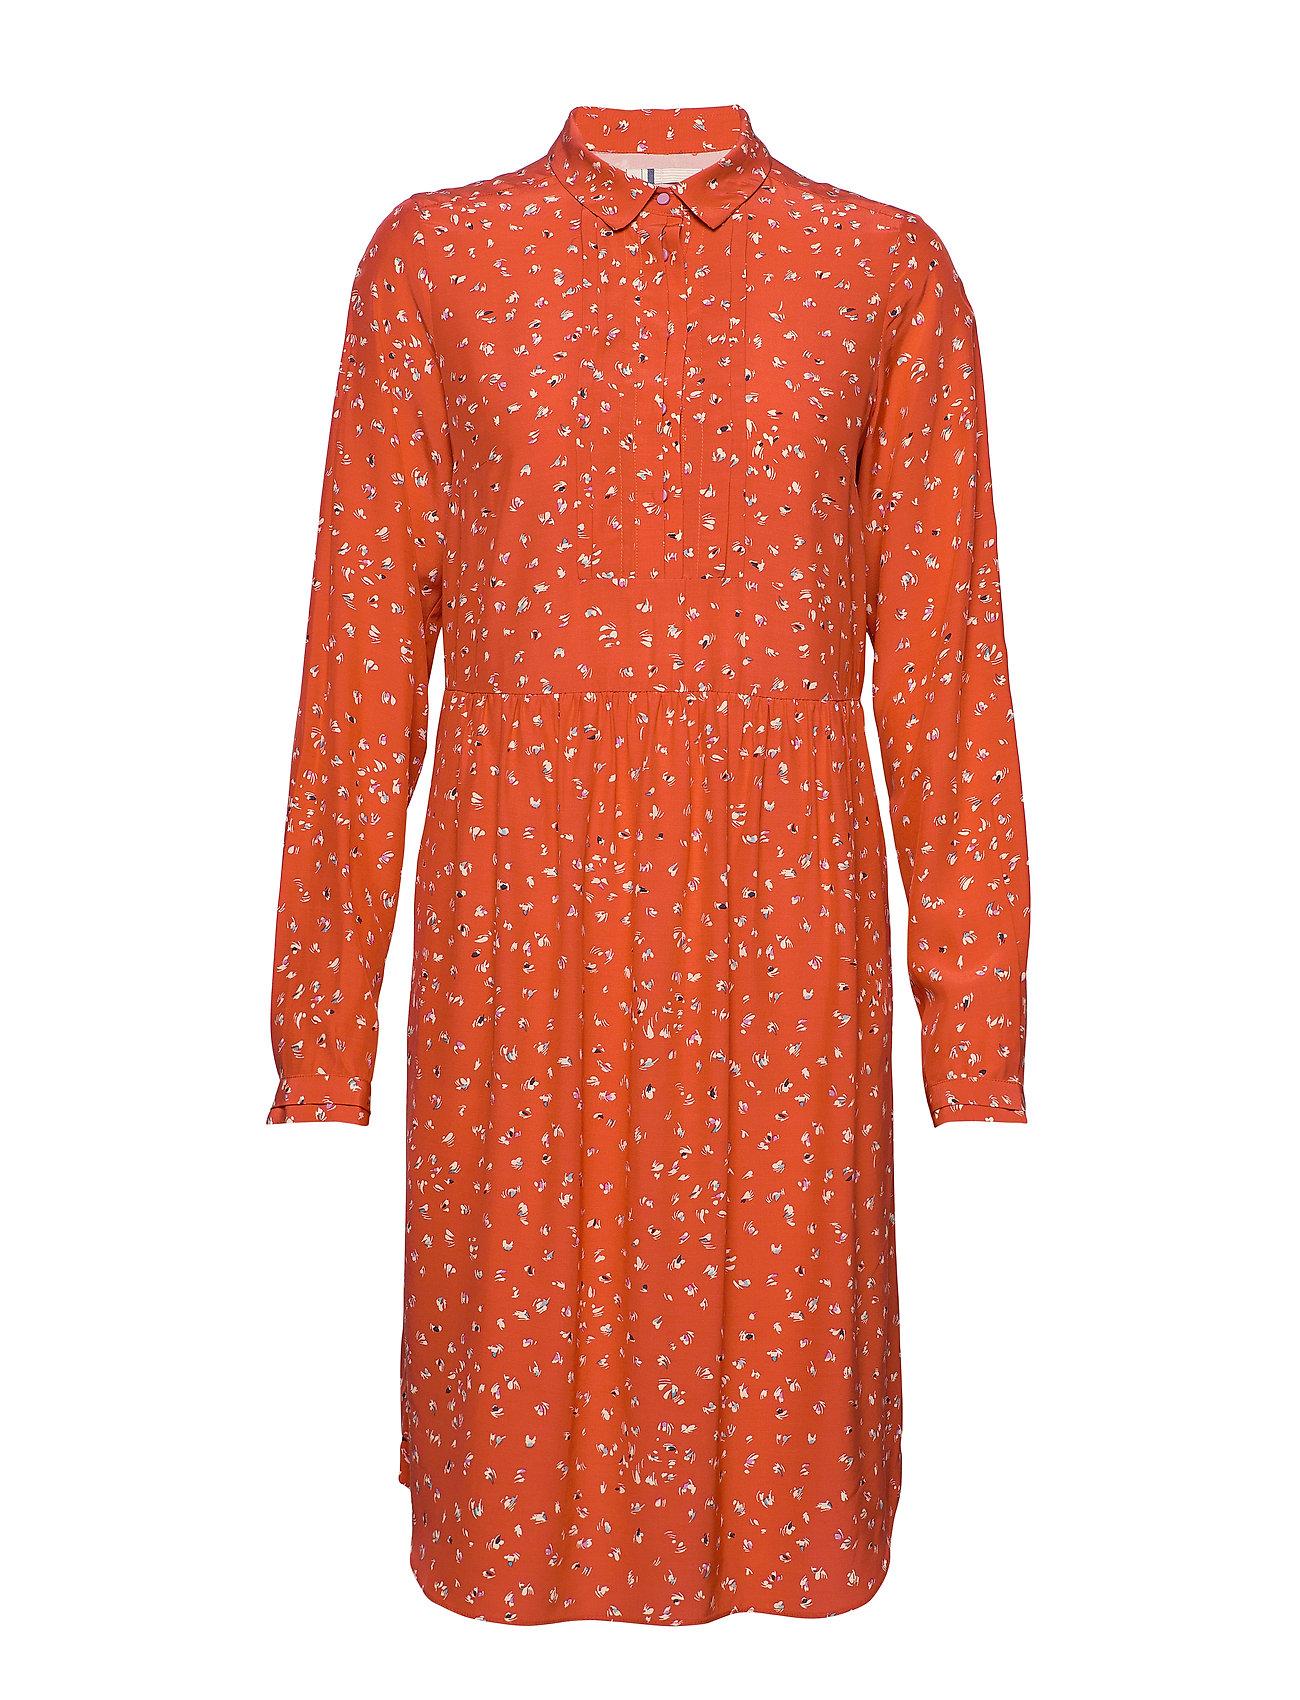 Noa Noa Dress long sleeve - PRINT RED